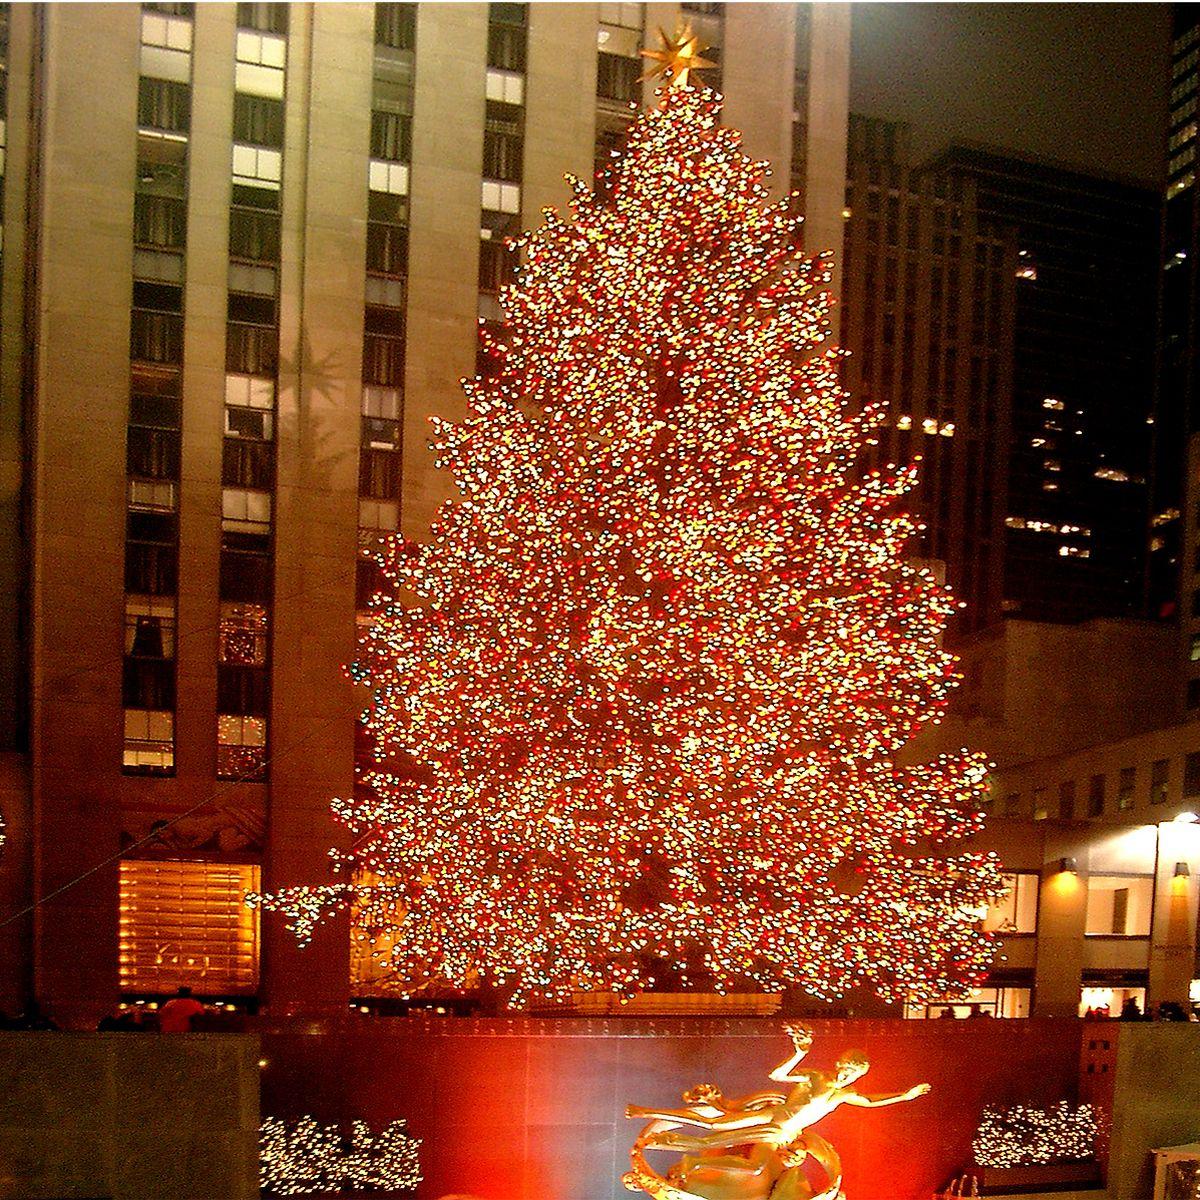 Wo Stand Der Erste Weihnachtsbaum.11 Fakten Und Anekdoten Zum Weihnachtsbaum Baumpflegeportal